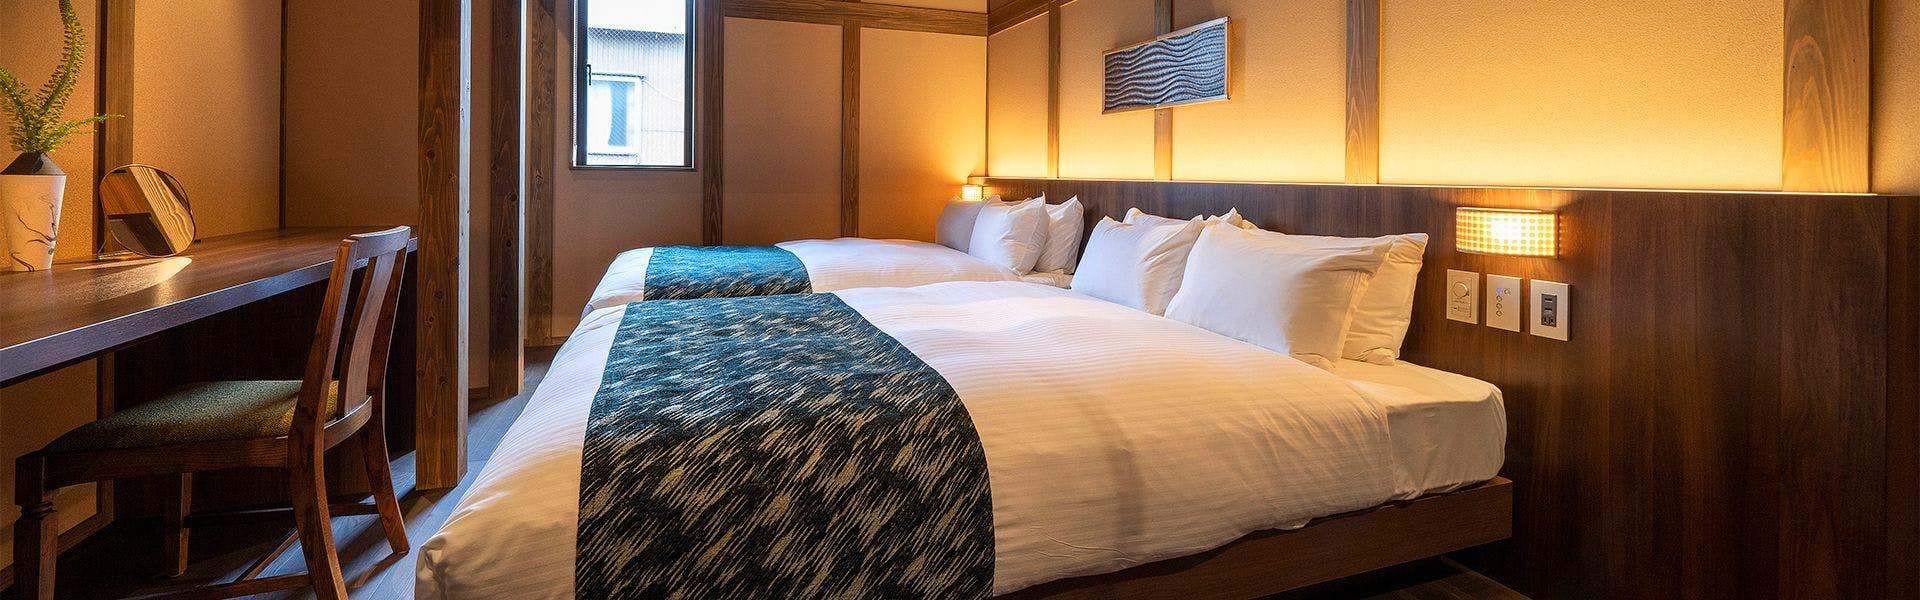 記念日におすすめのホテル・【町家レジデンスイン かがび】 の空室状況を確認するの写真3